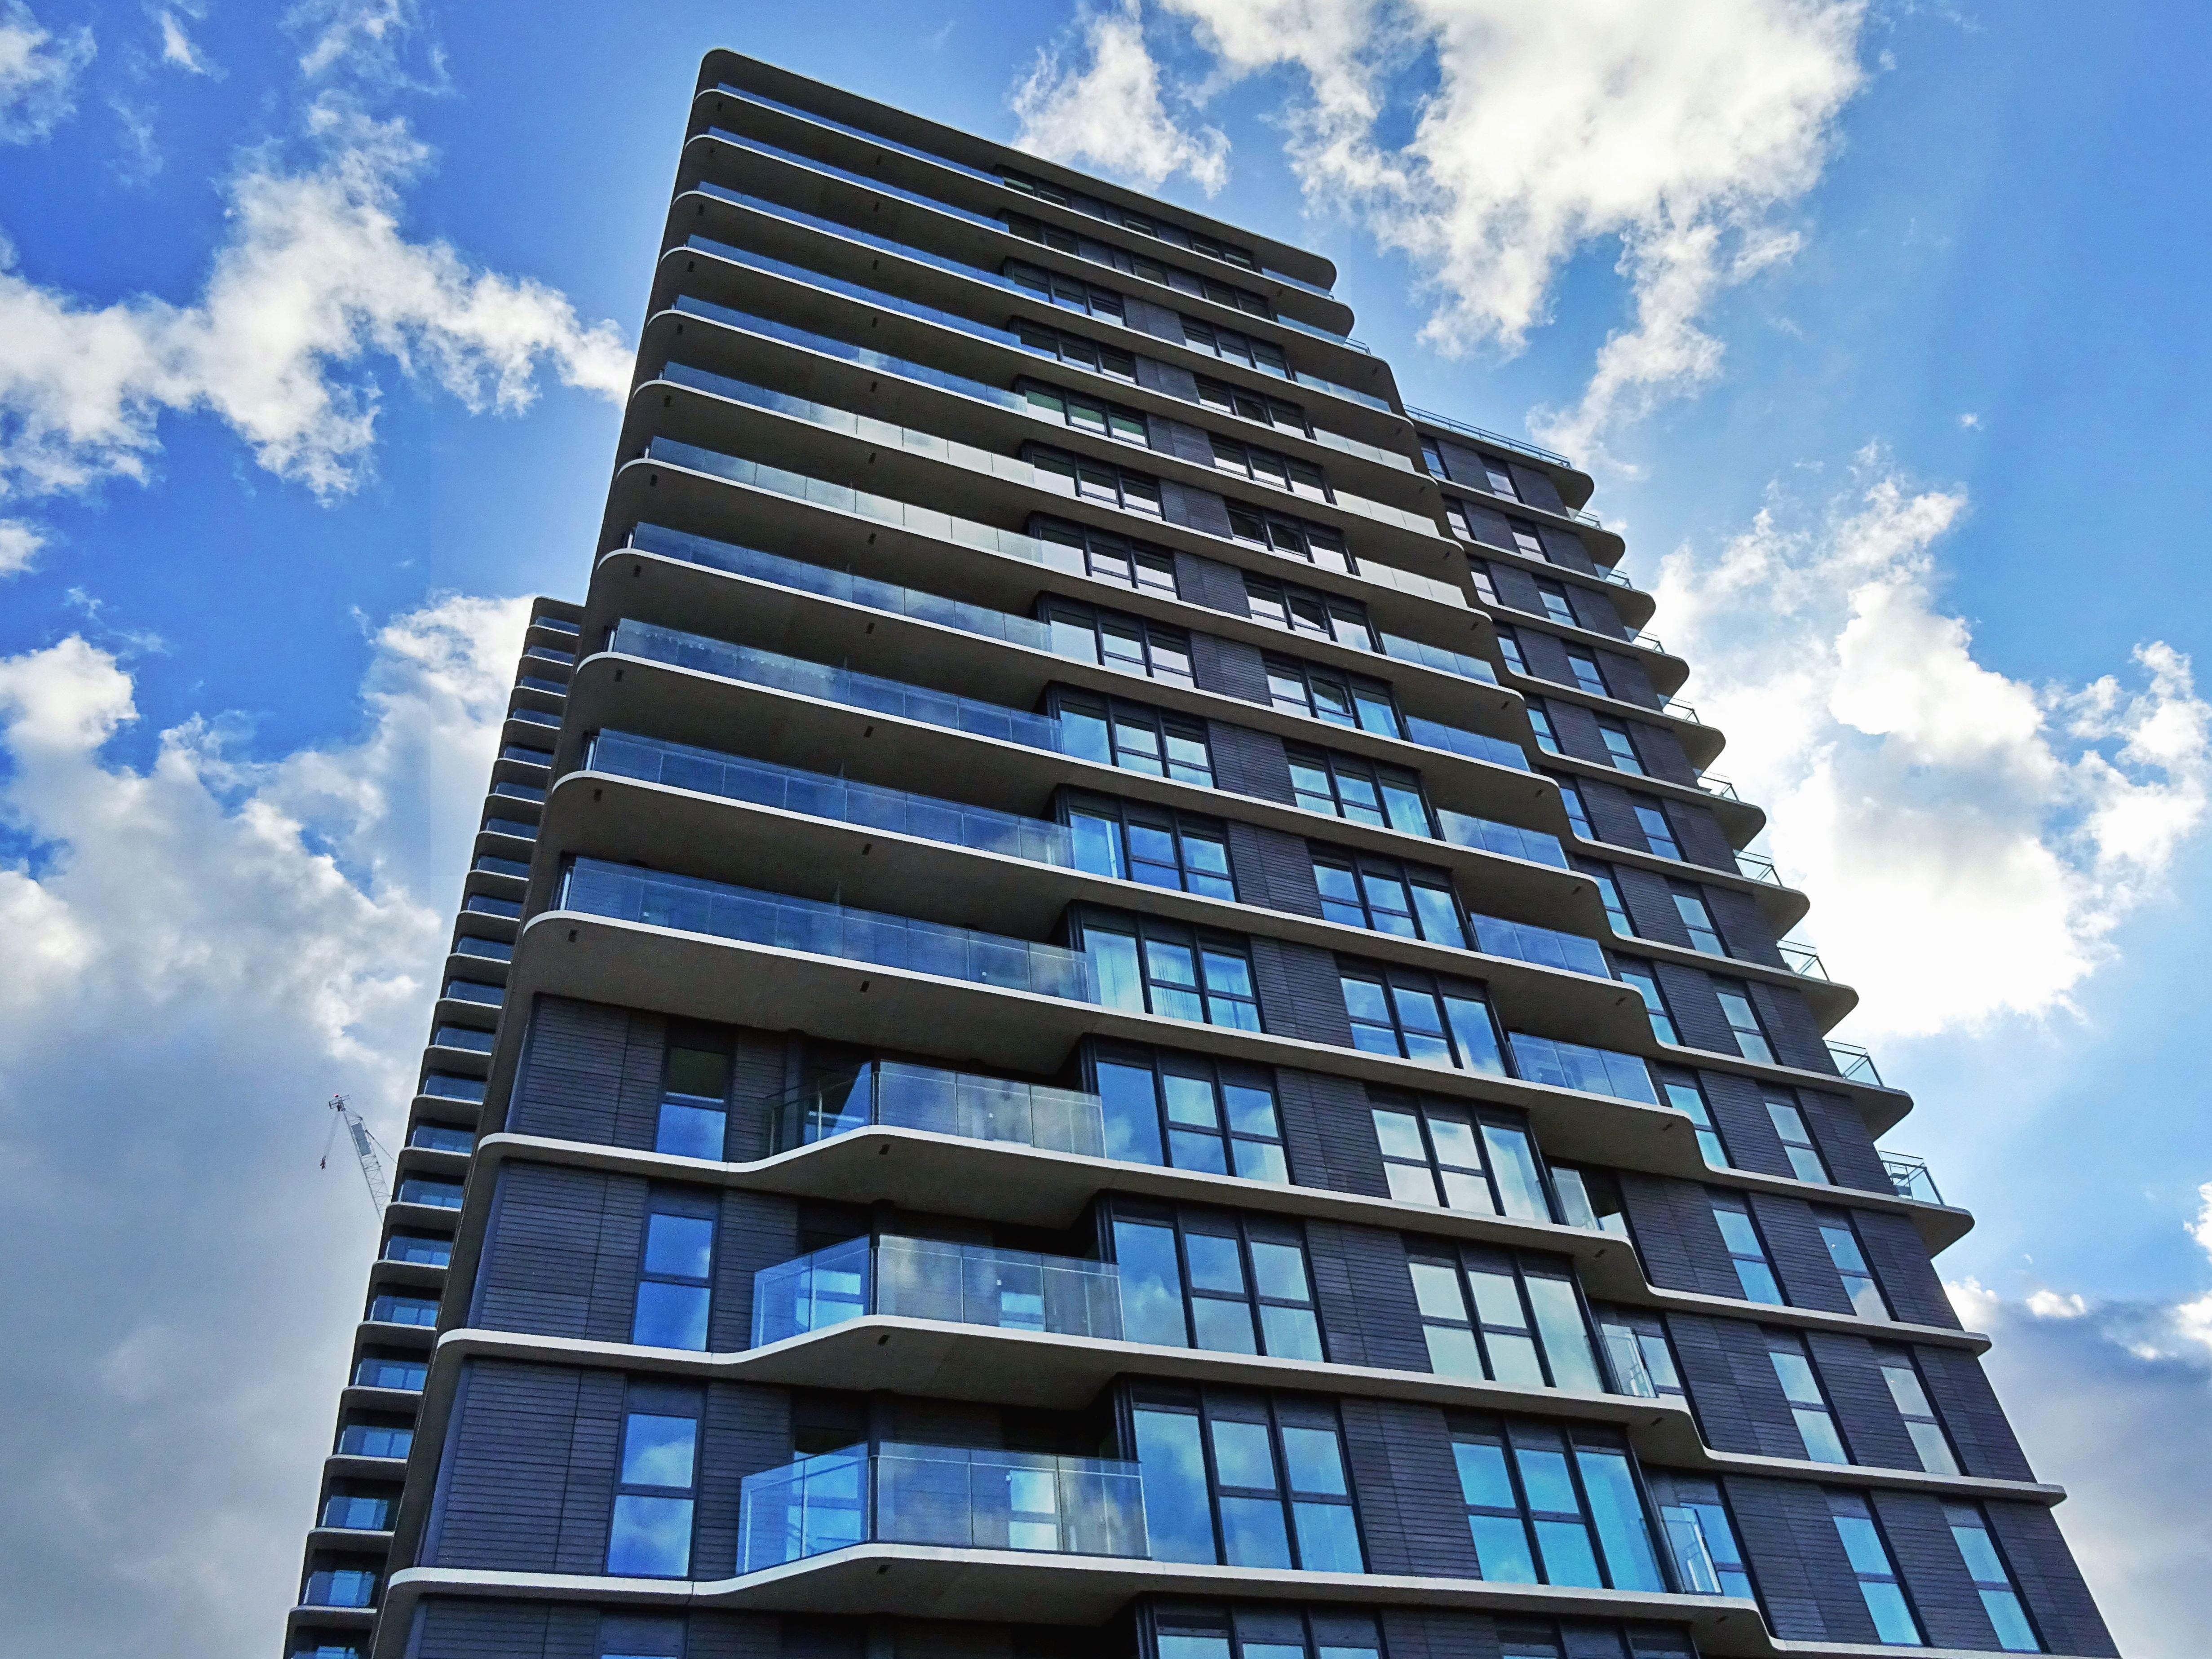 Fassade Architektur kostenlose bild himmel wolke architektur gebäude fassade büro